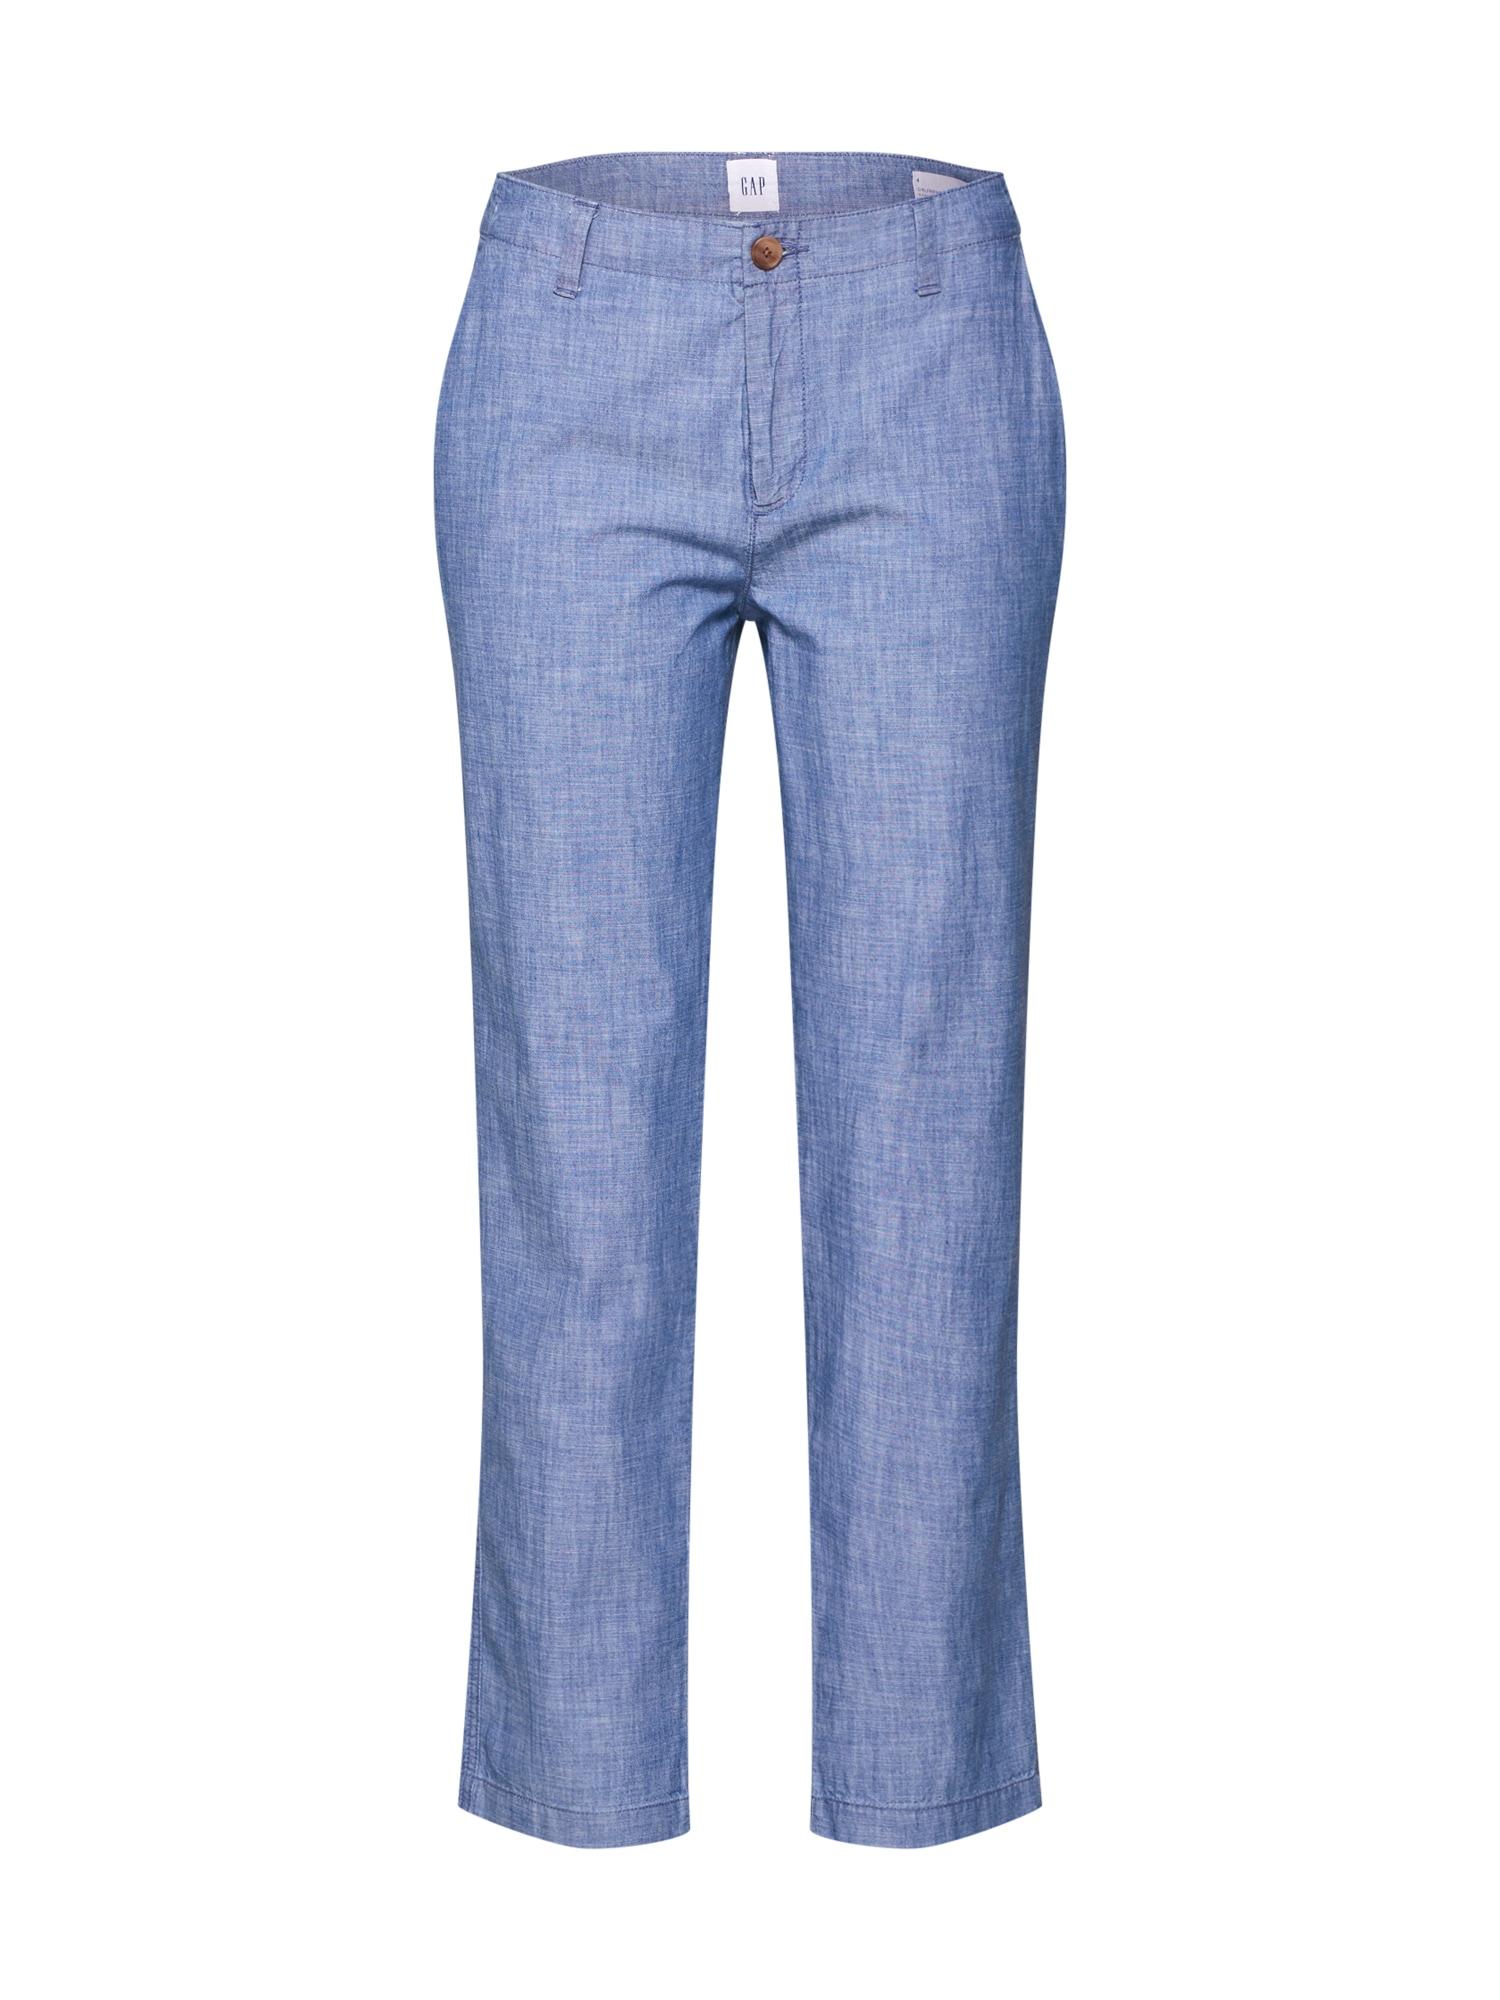 Kalhoty V-GIRLFRIEND KHAKI CHAMBRAY indigo GAP